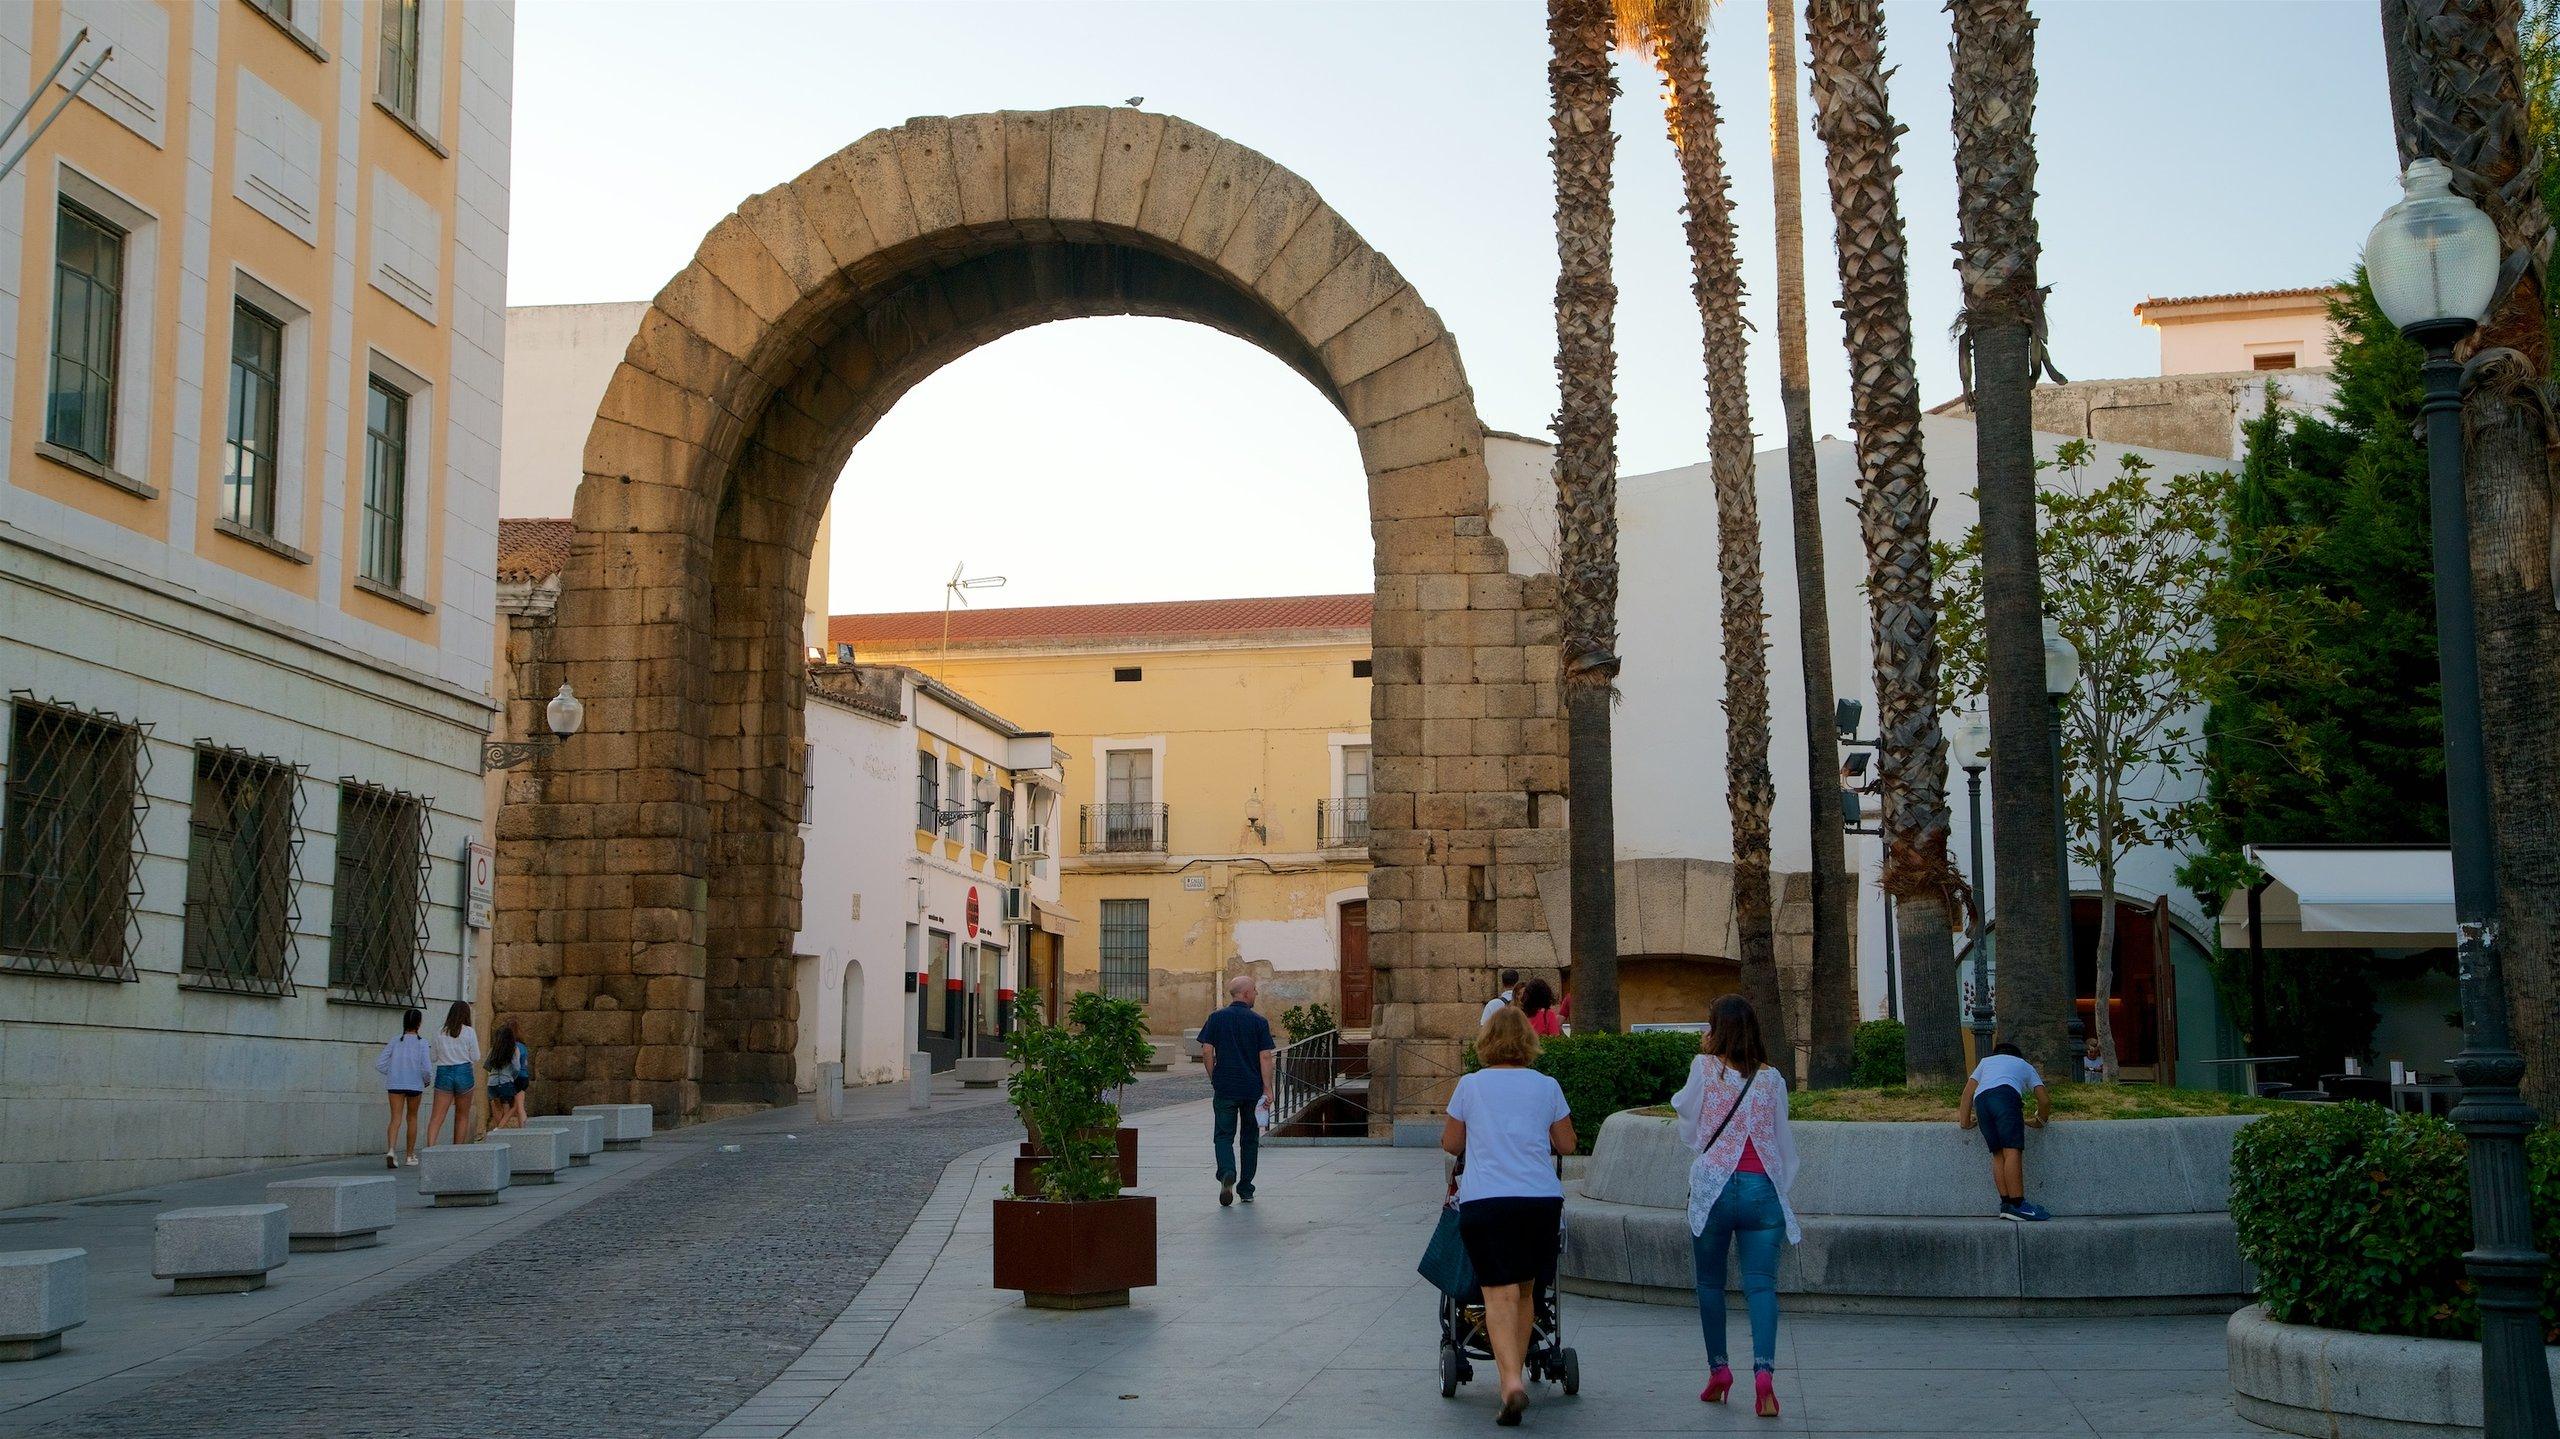 Arco Trajano en la ciudad romana de merida en Extremadura